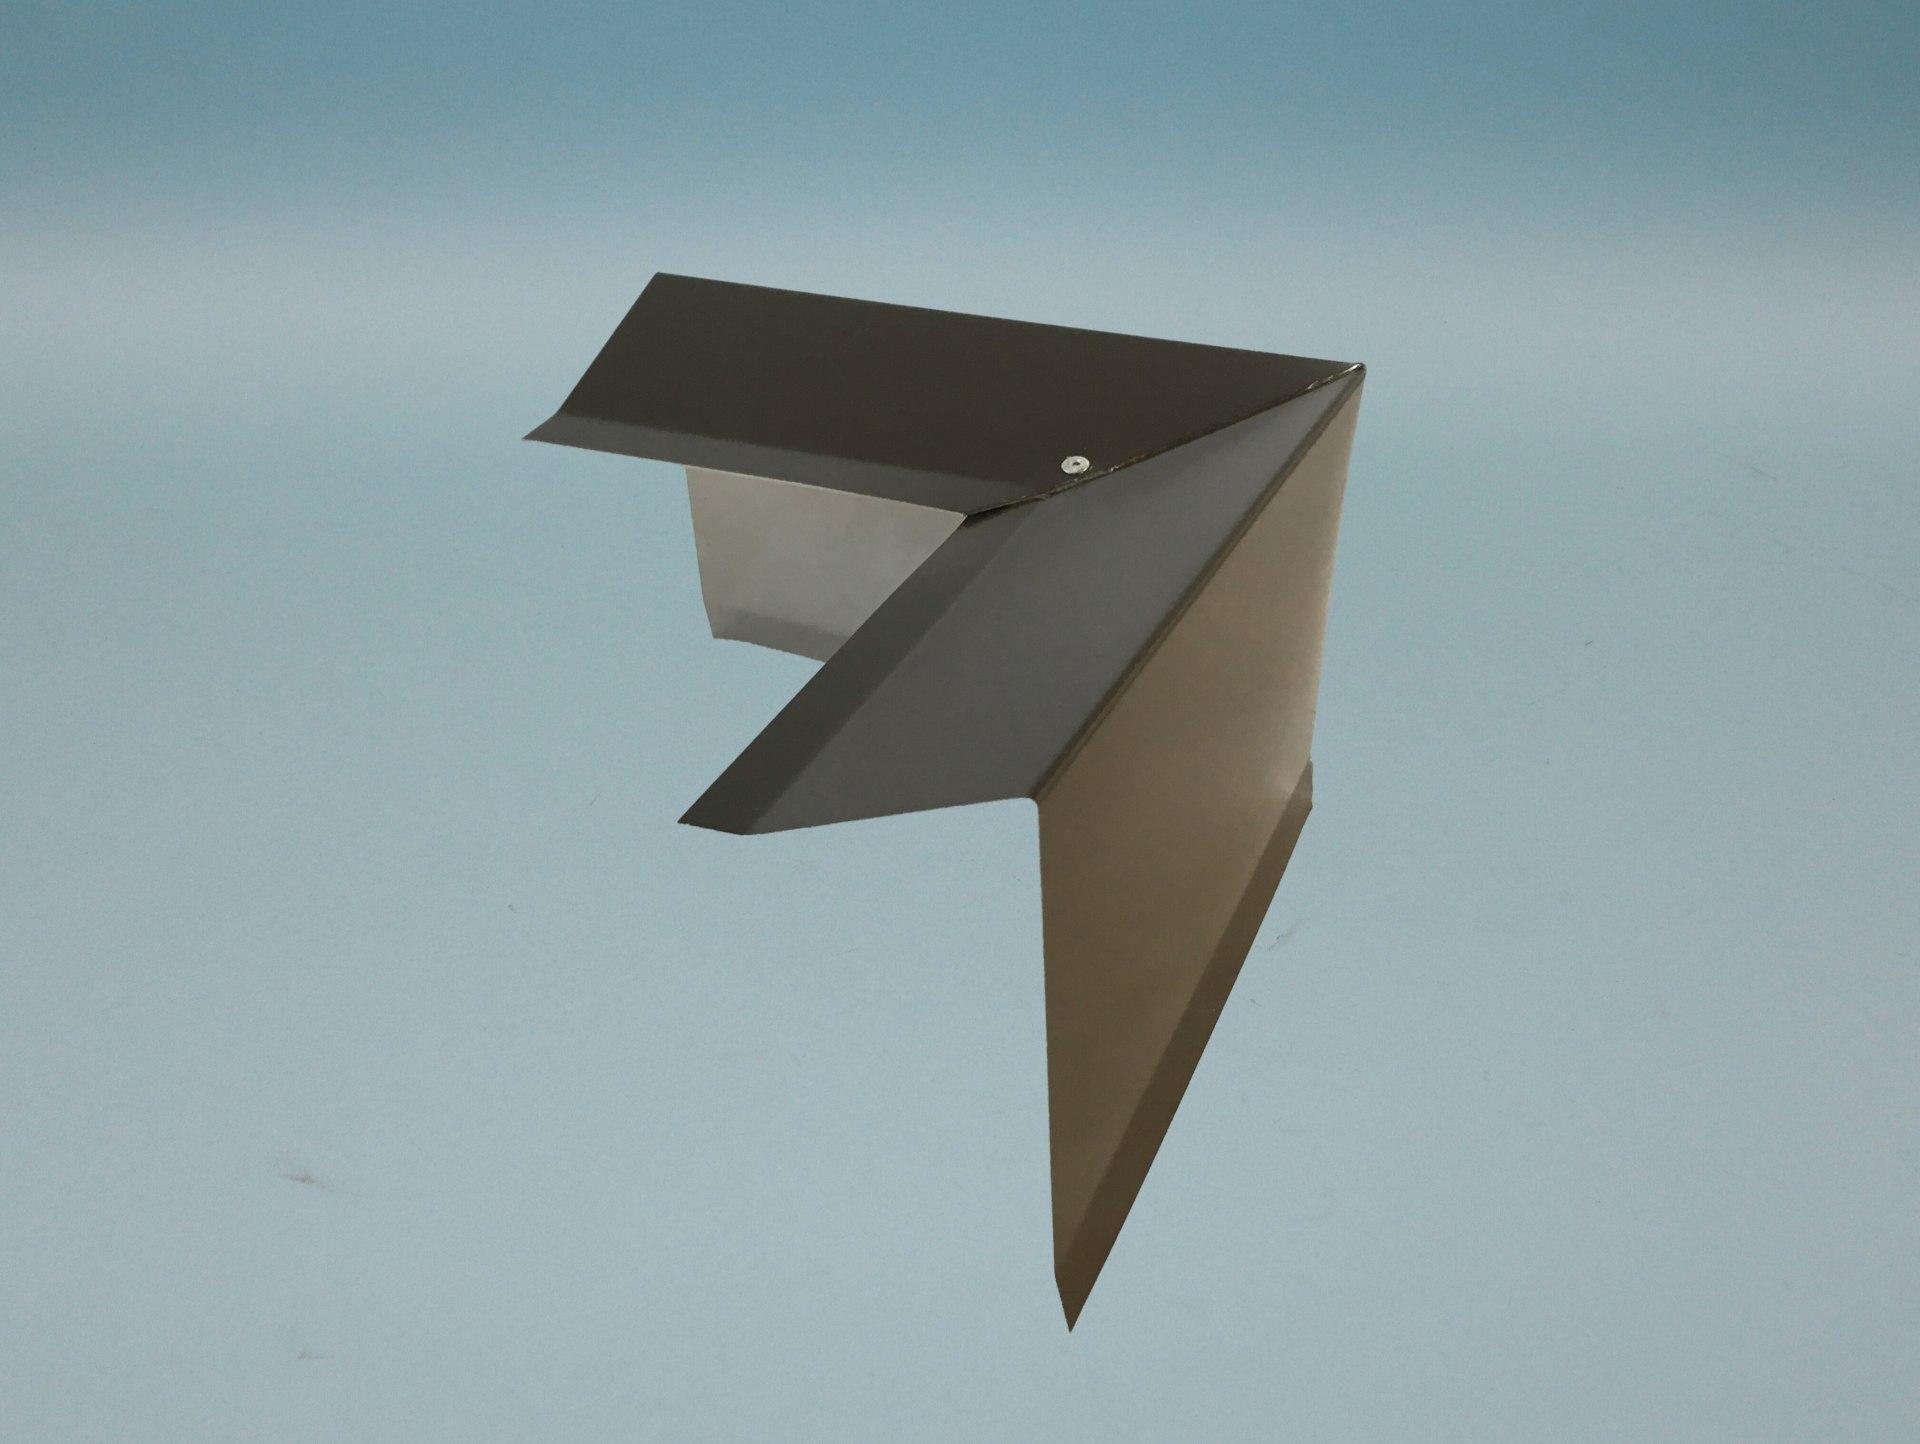 Außenecke 90° für  Ortgangblech Flachdach / Holzkeilbohle